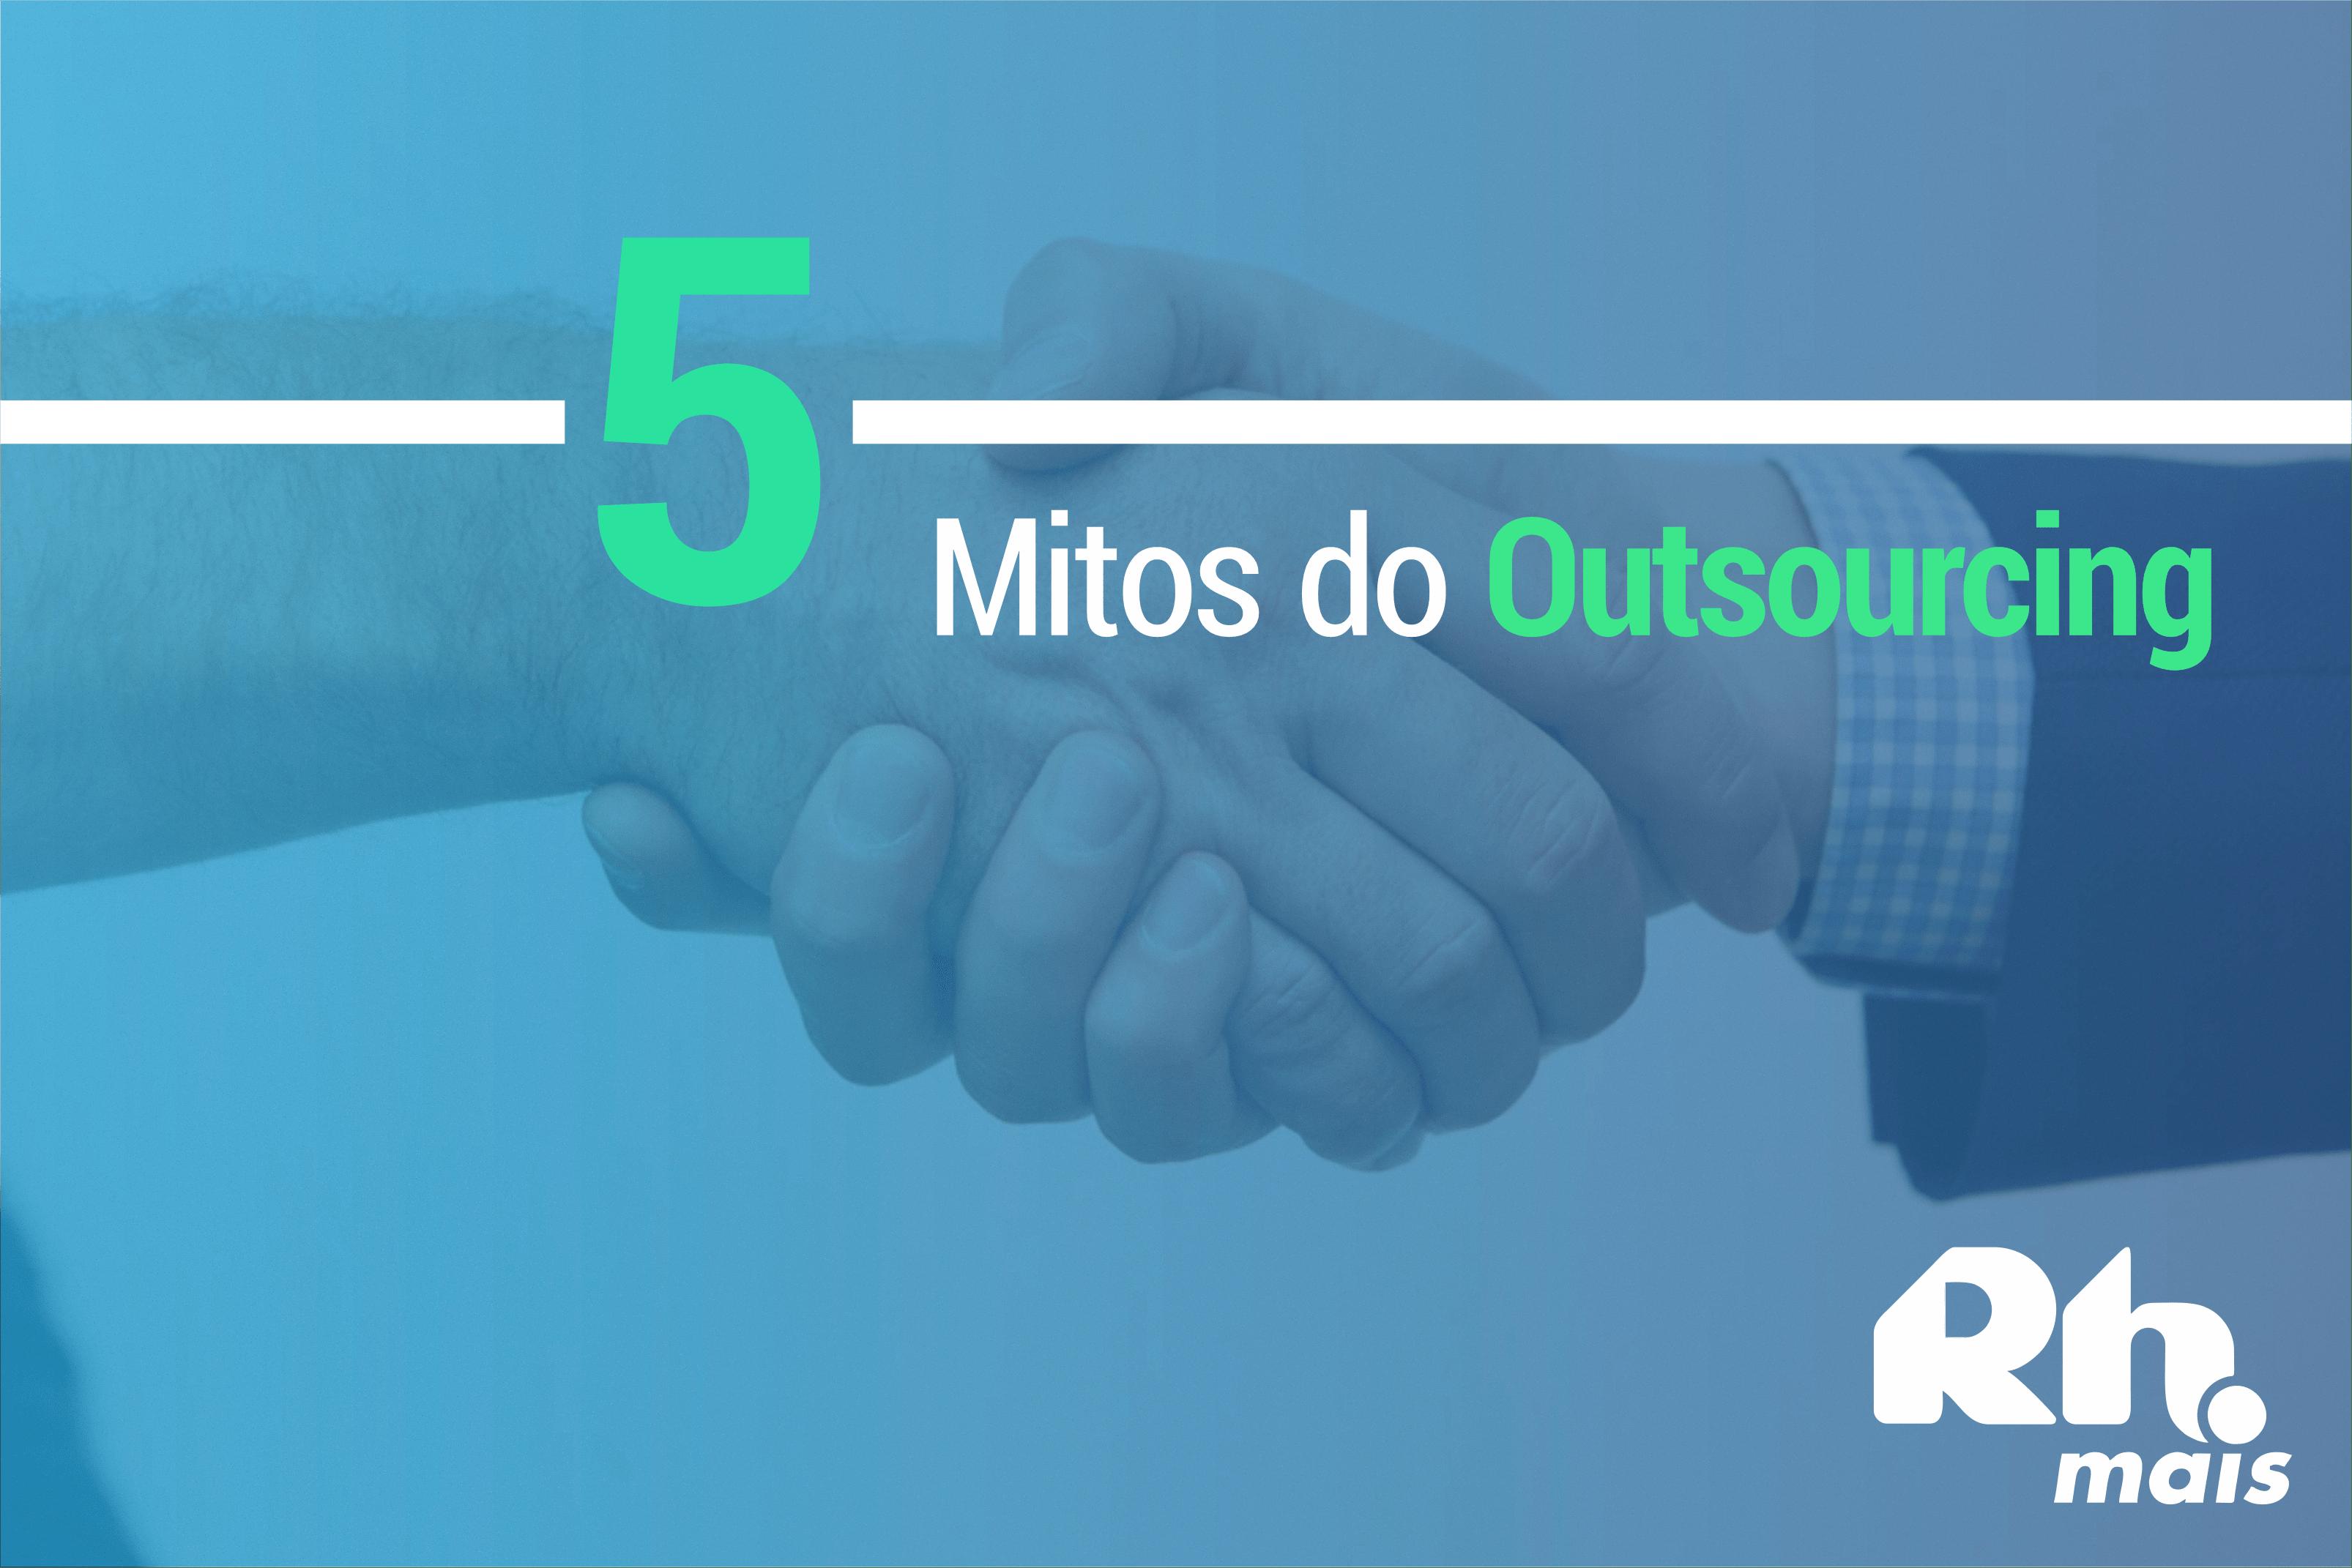 5 mitos do outsourcing